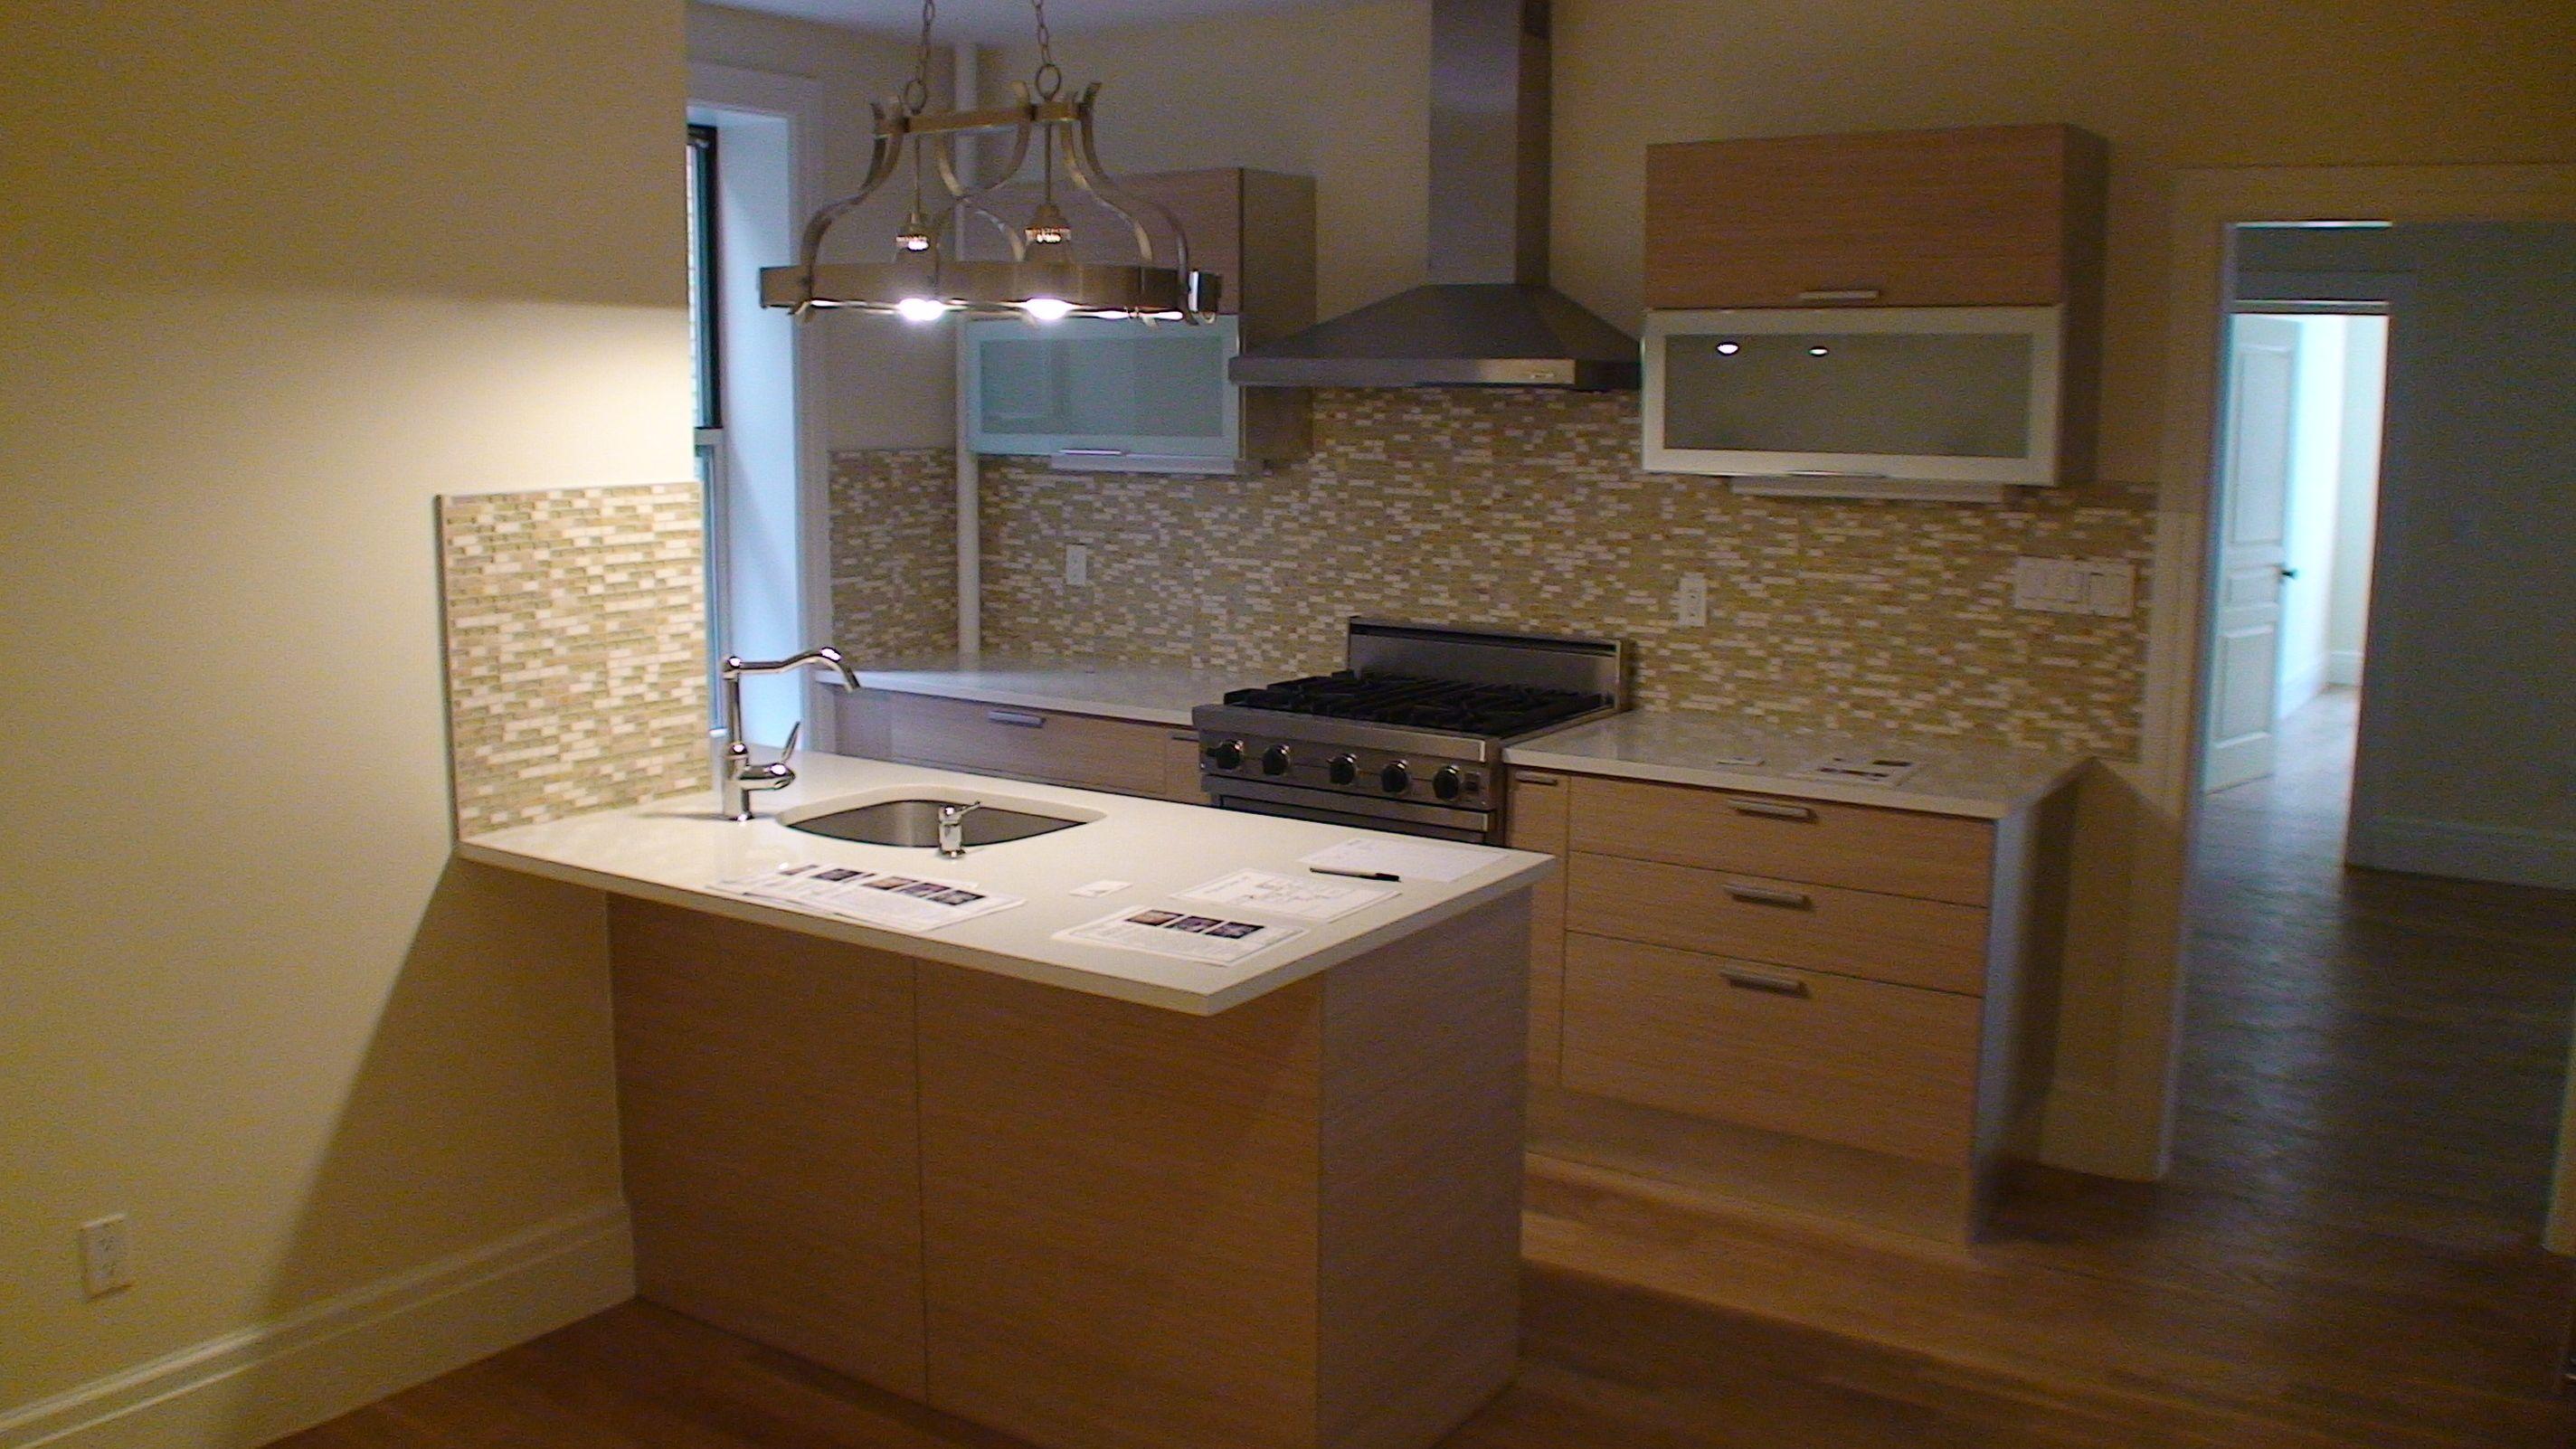 kitchen remodle | Artistic Kitchen Design Blog - NYC Kitchen ...